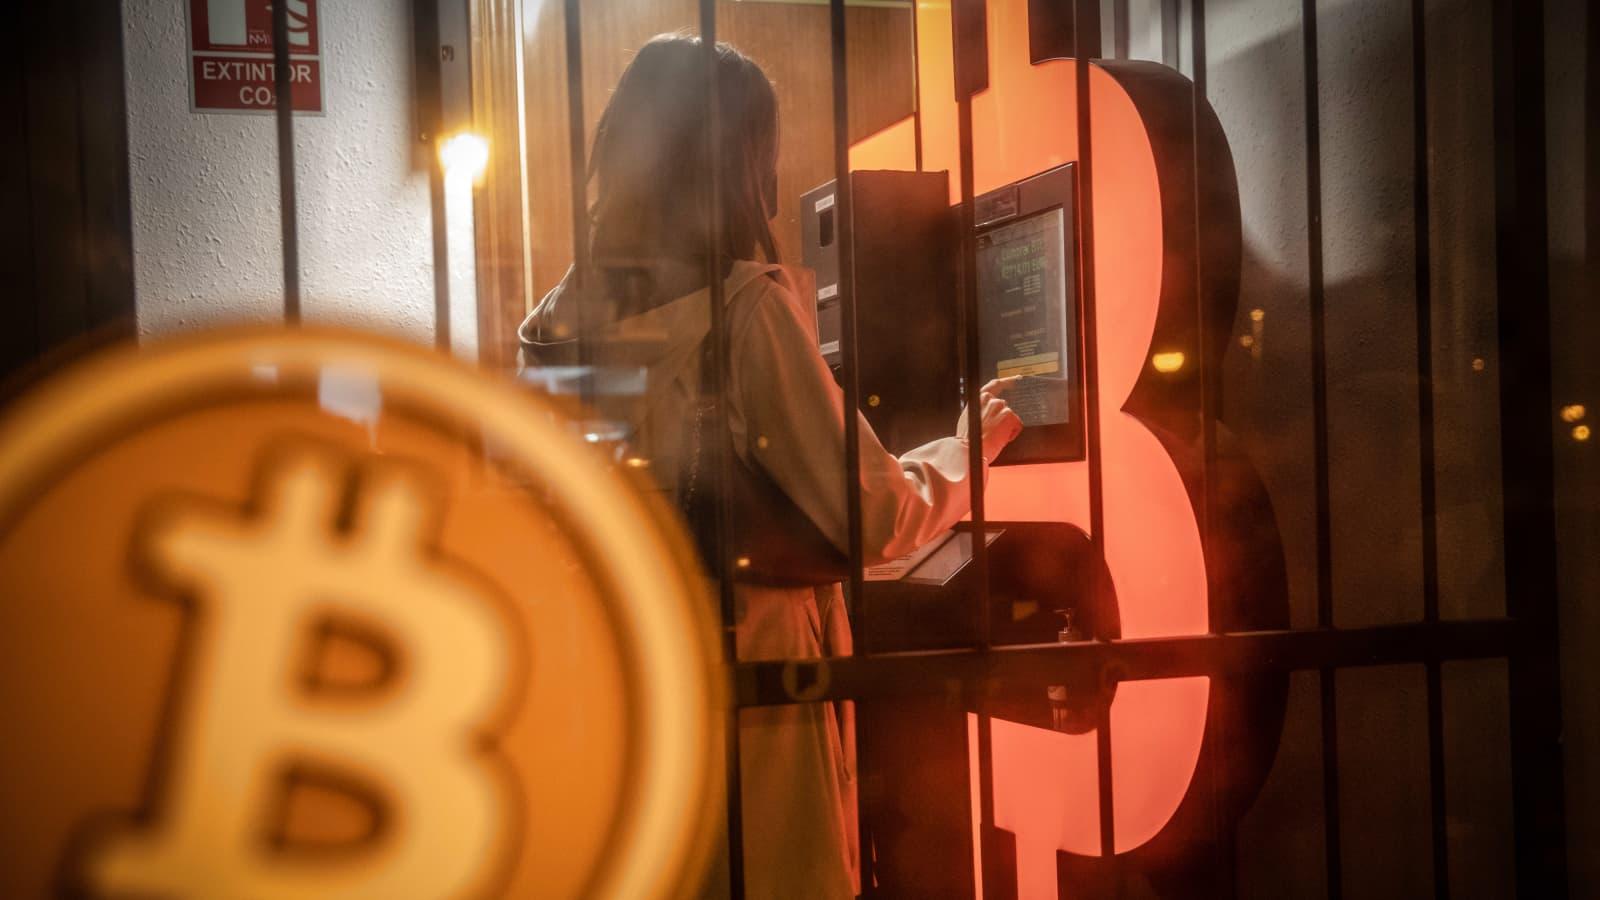 """Giá bitcoin sụt dưới mốc tâm lý 30.000 USD: có hay không nguy cơ """"mùa đông tiền điện tử""""? - Ảnh 1."""